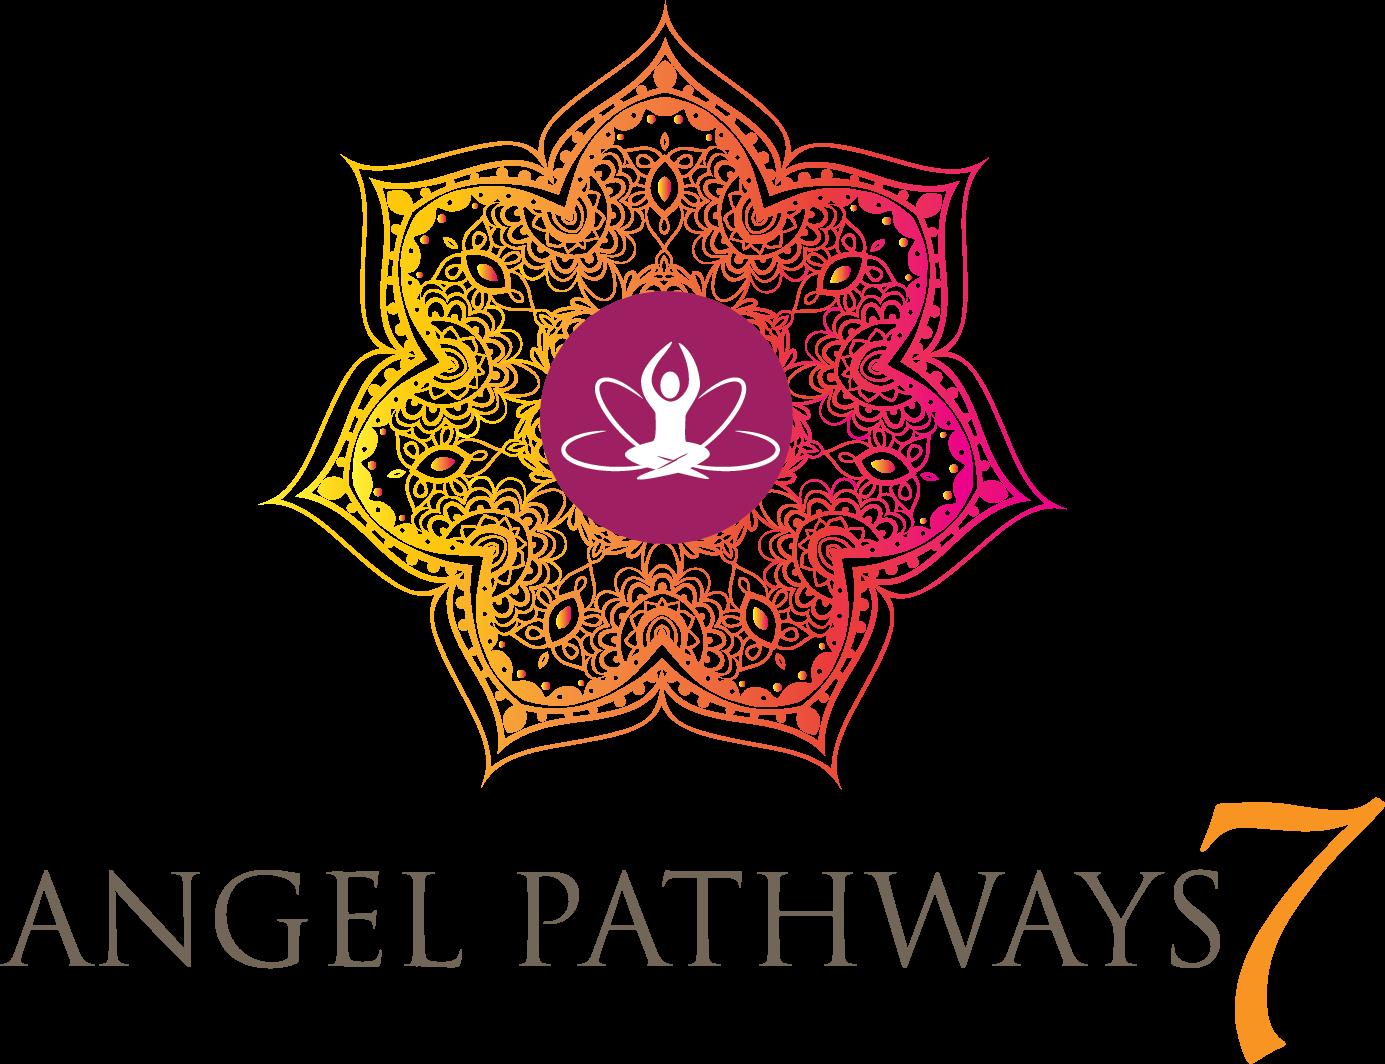 Angel Pathways 7